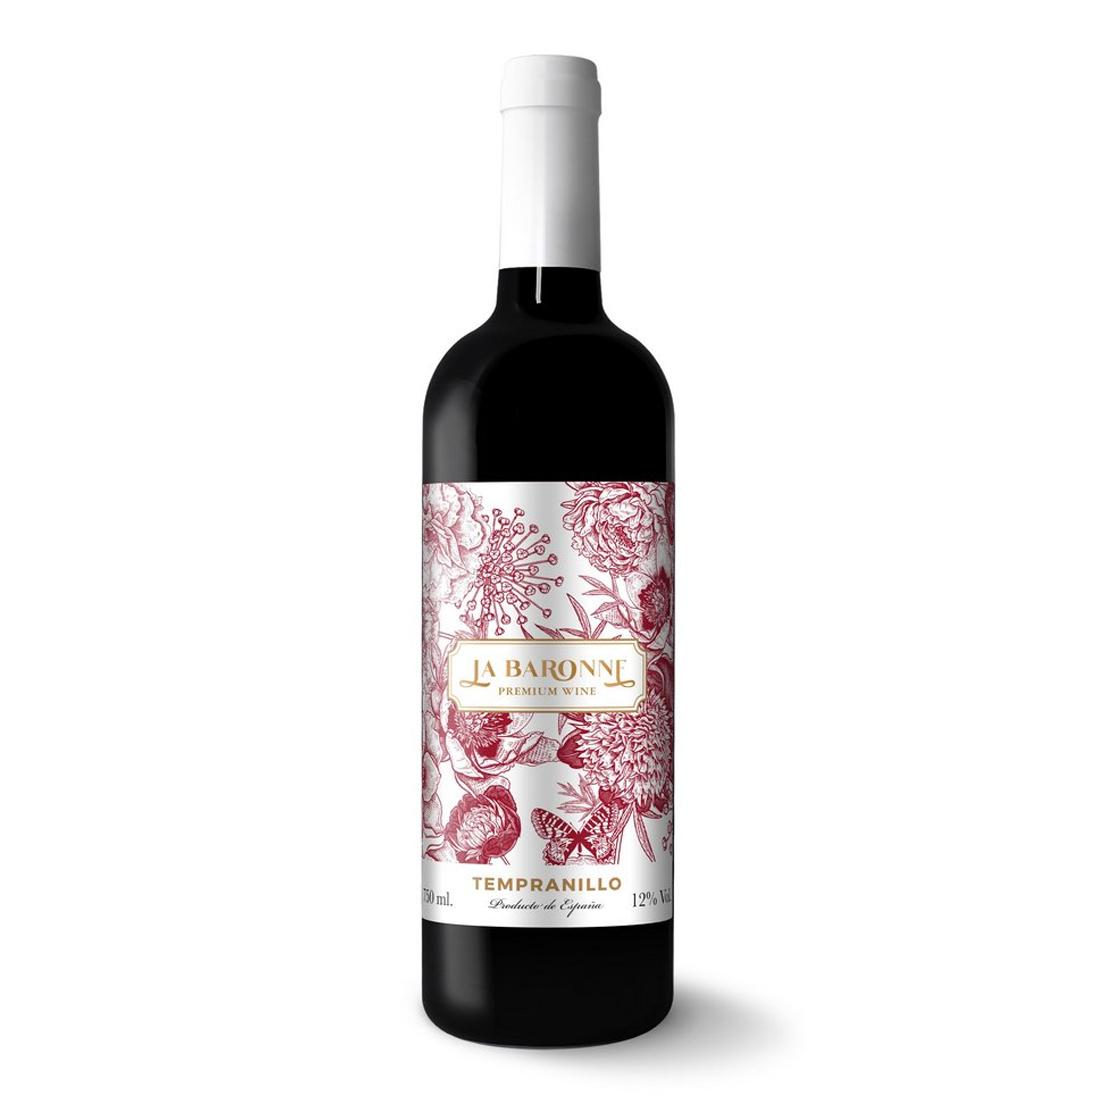 VINHO LA BARONNE ::  PREMIUM WINE  :: TEMPRANILLO 2019 :: 750ML